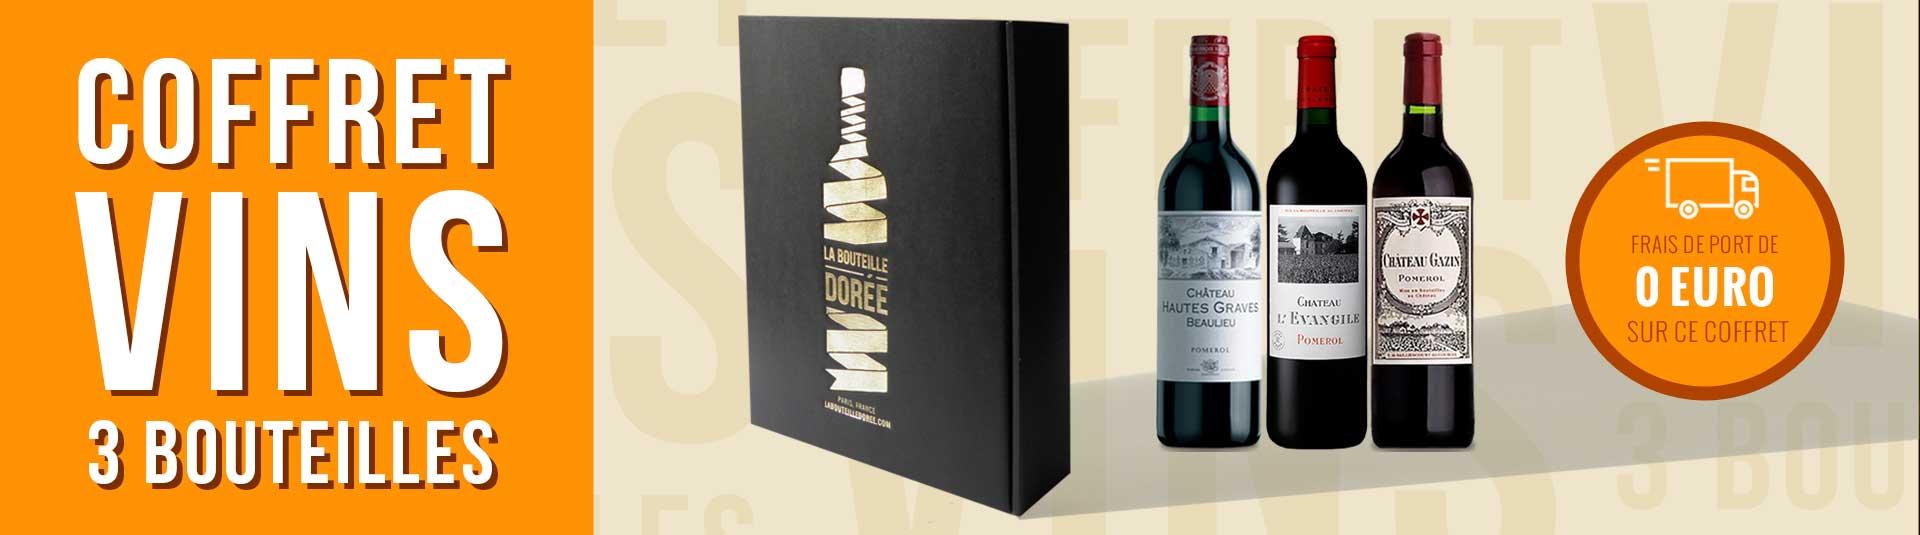 Coffret vin rouge Bordeaux Pomerol 3 bouteilles